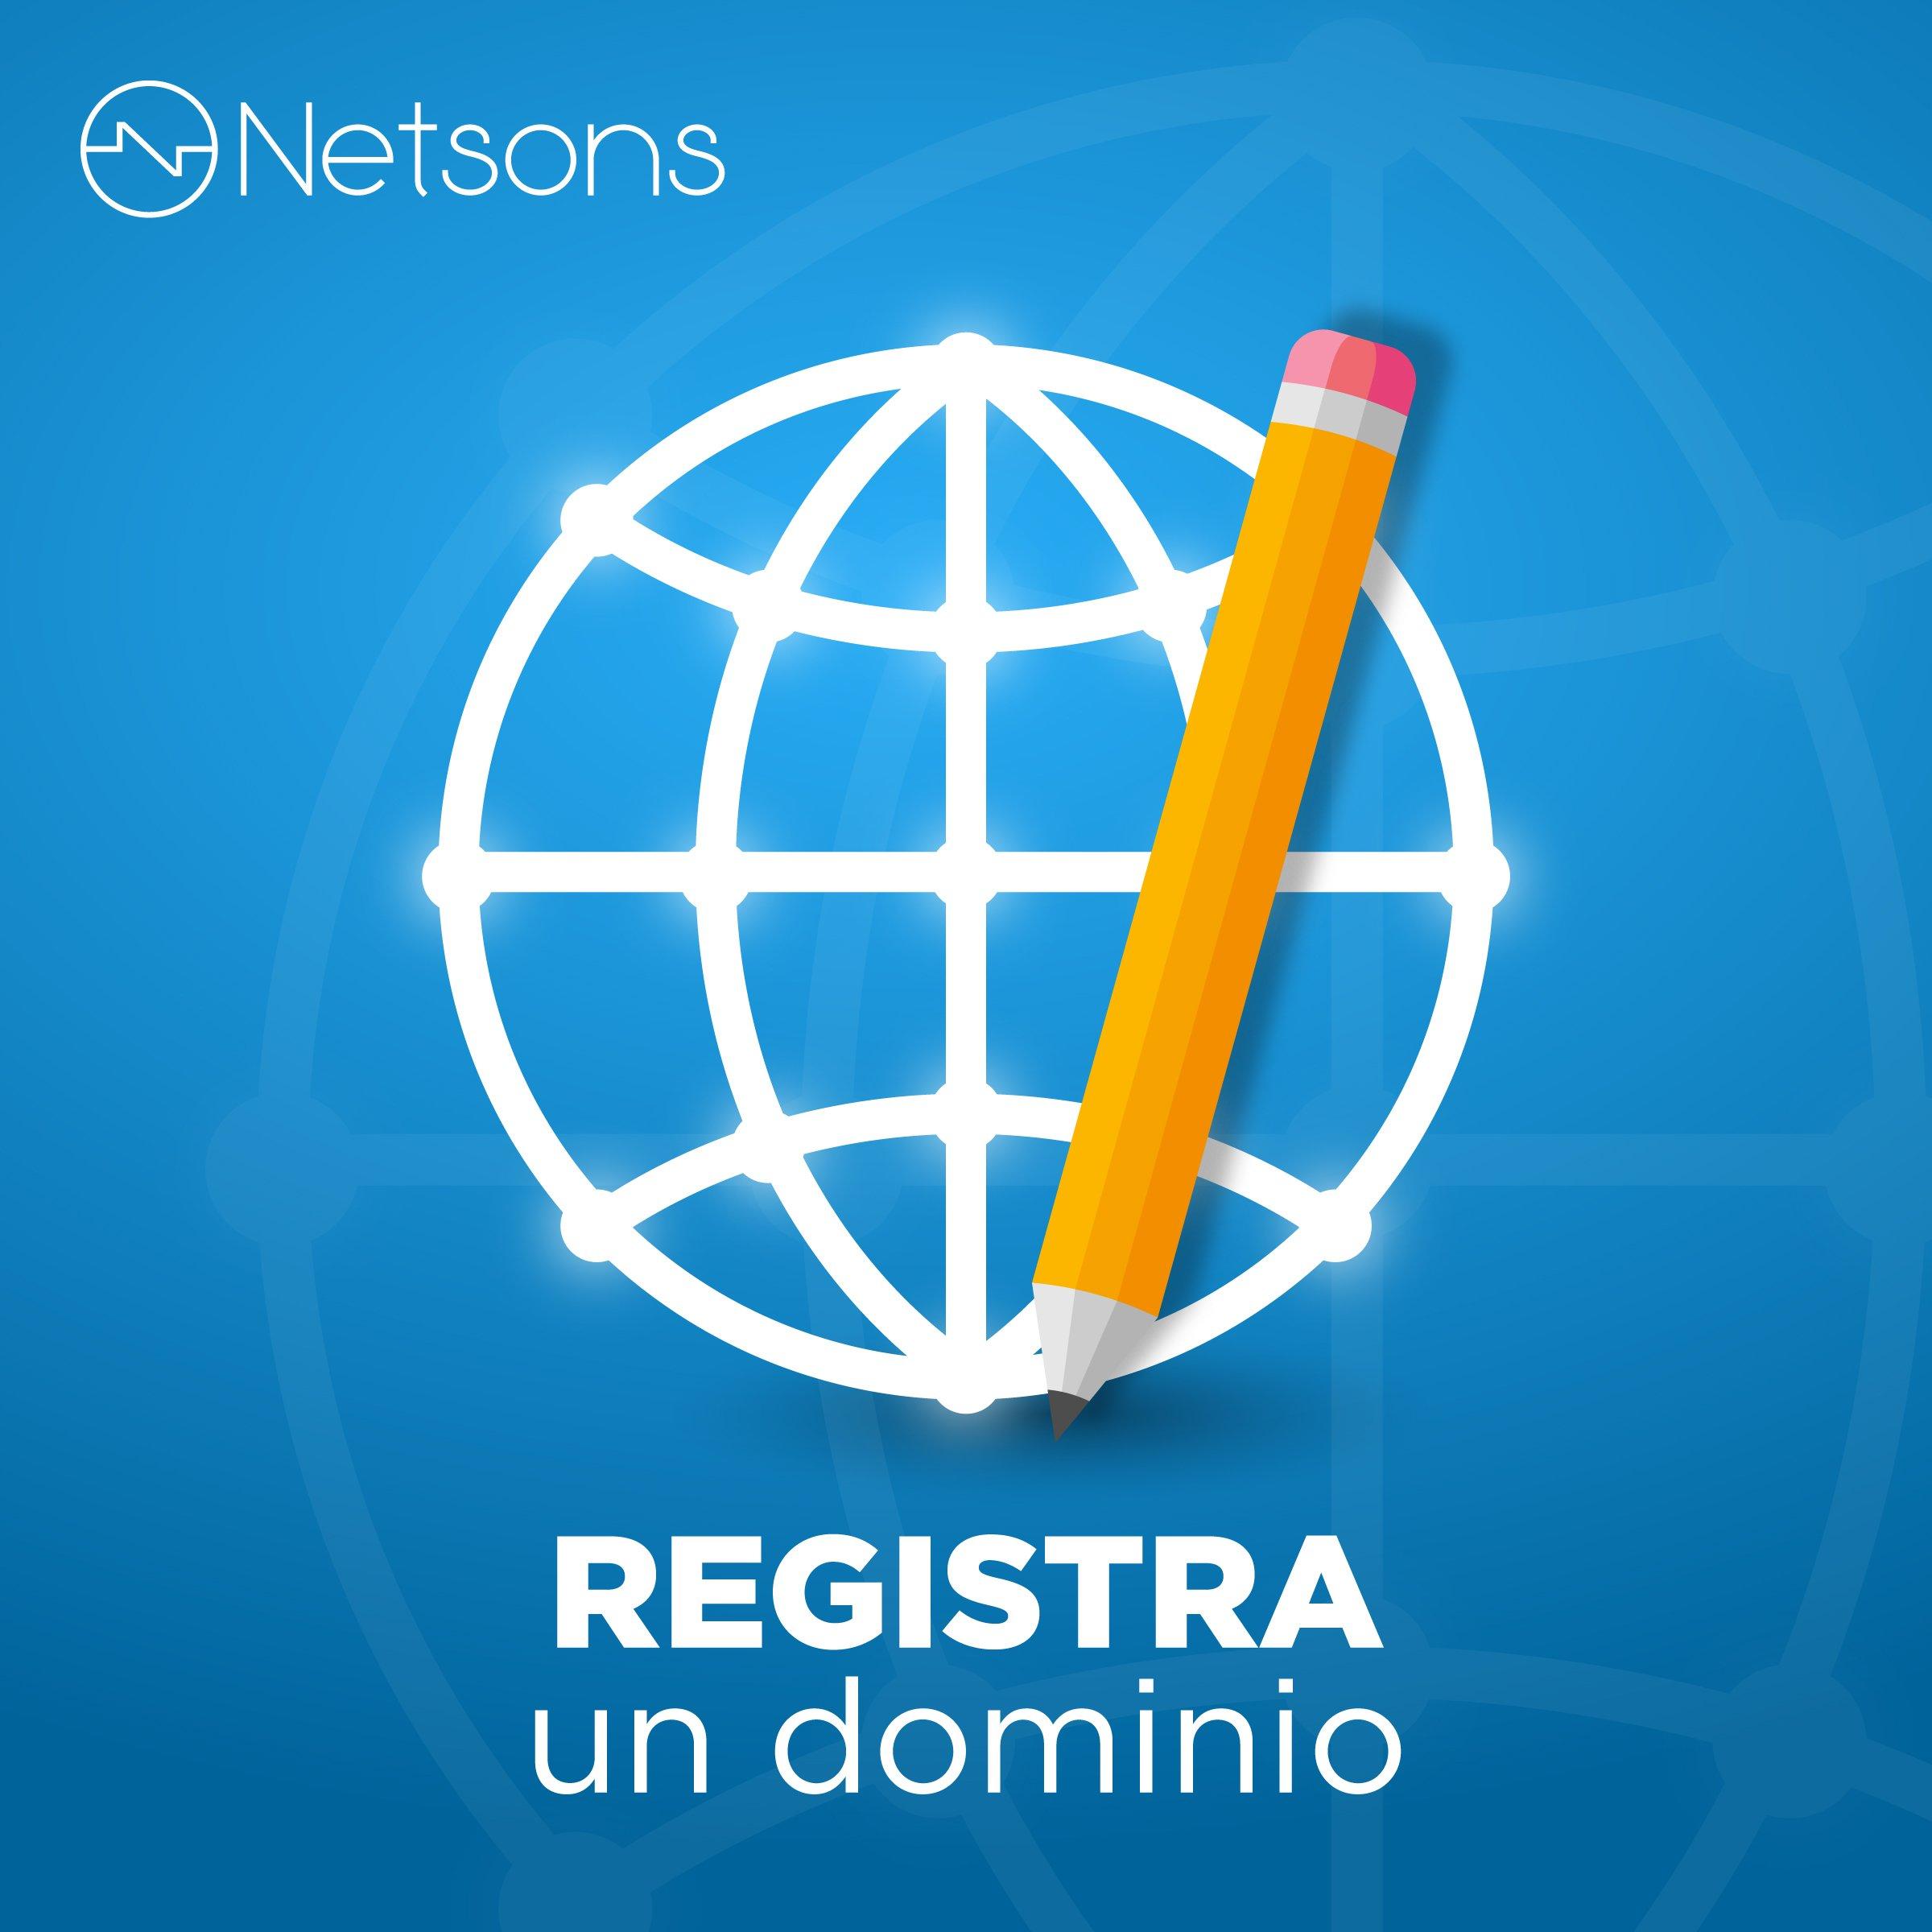 registra un dominio